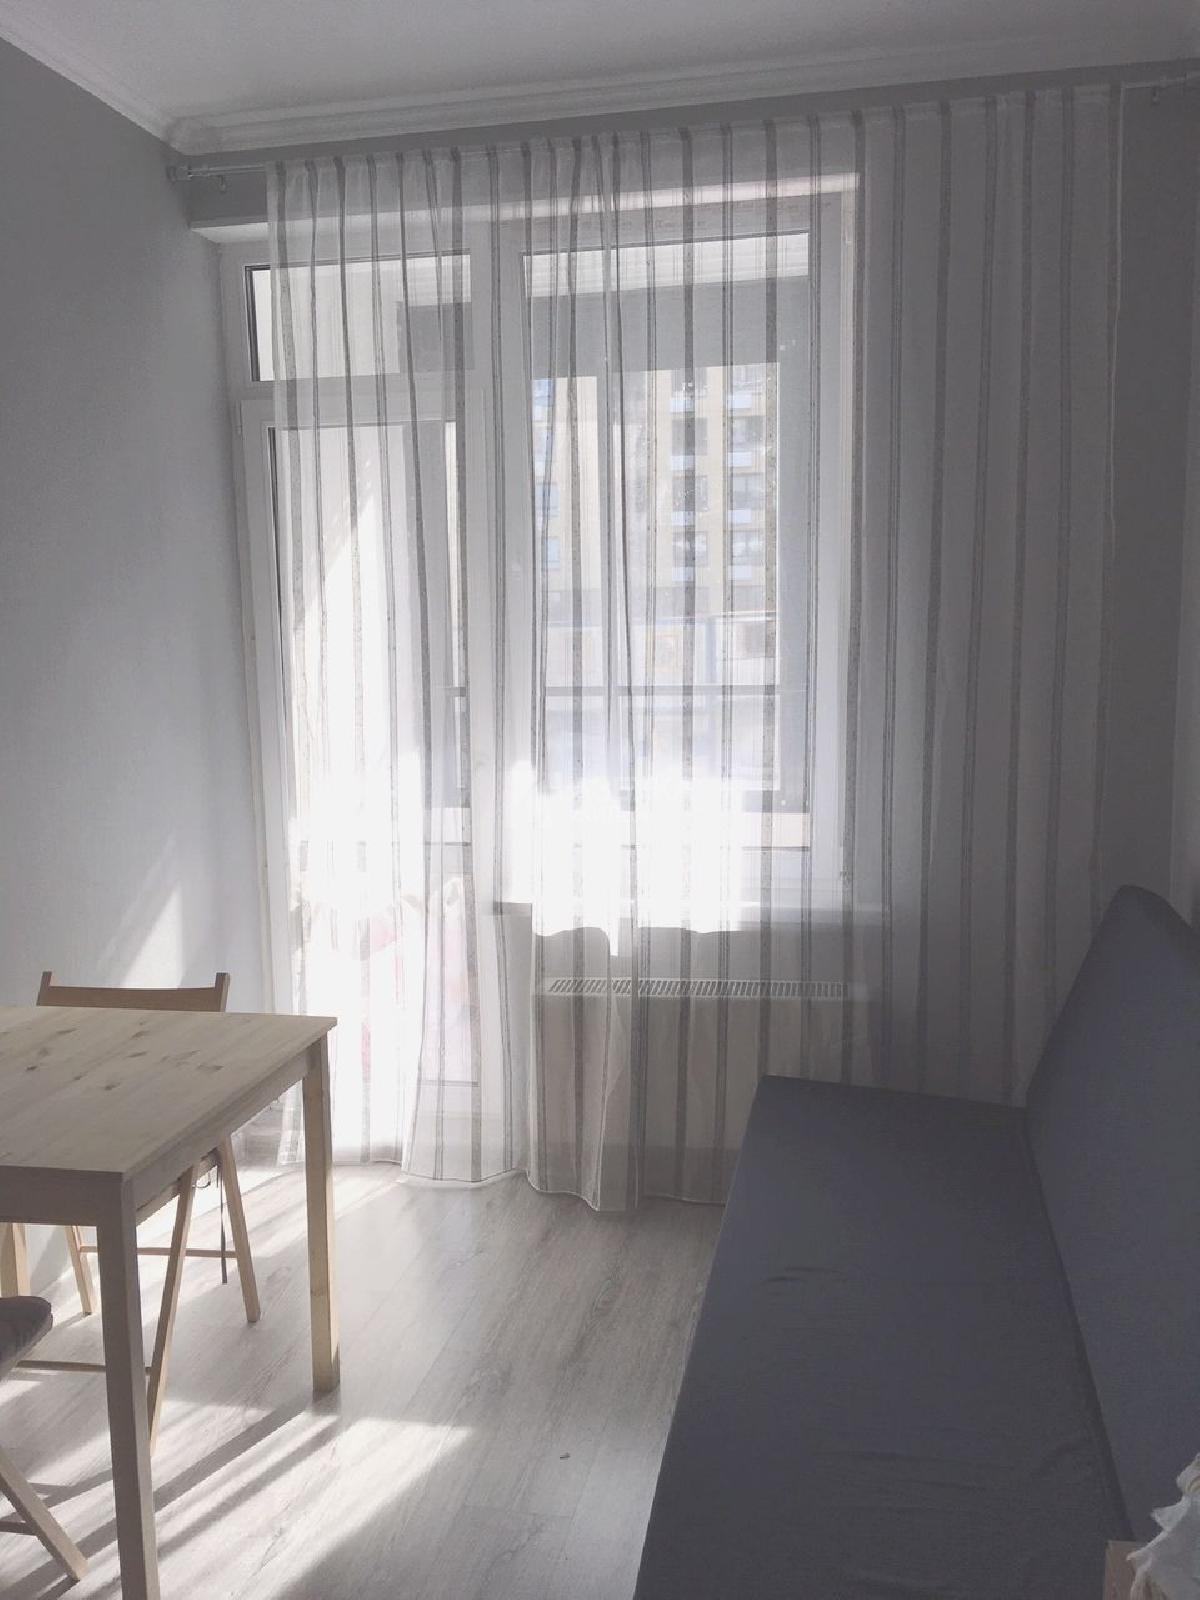 Фото №1 - 1-комнатная квартира, Москва, Цимлянская улица 3 корпус 1, метро Люблино